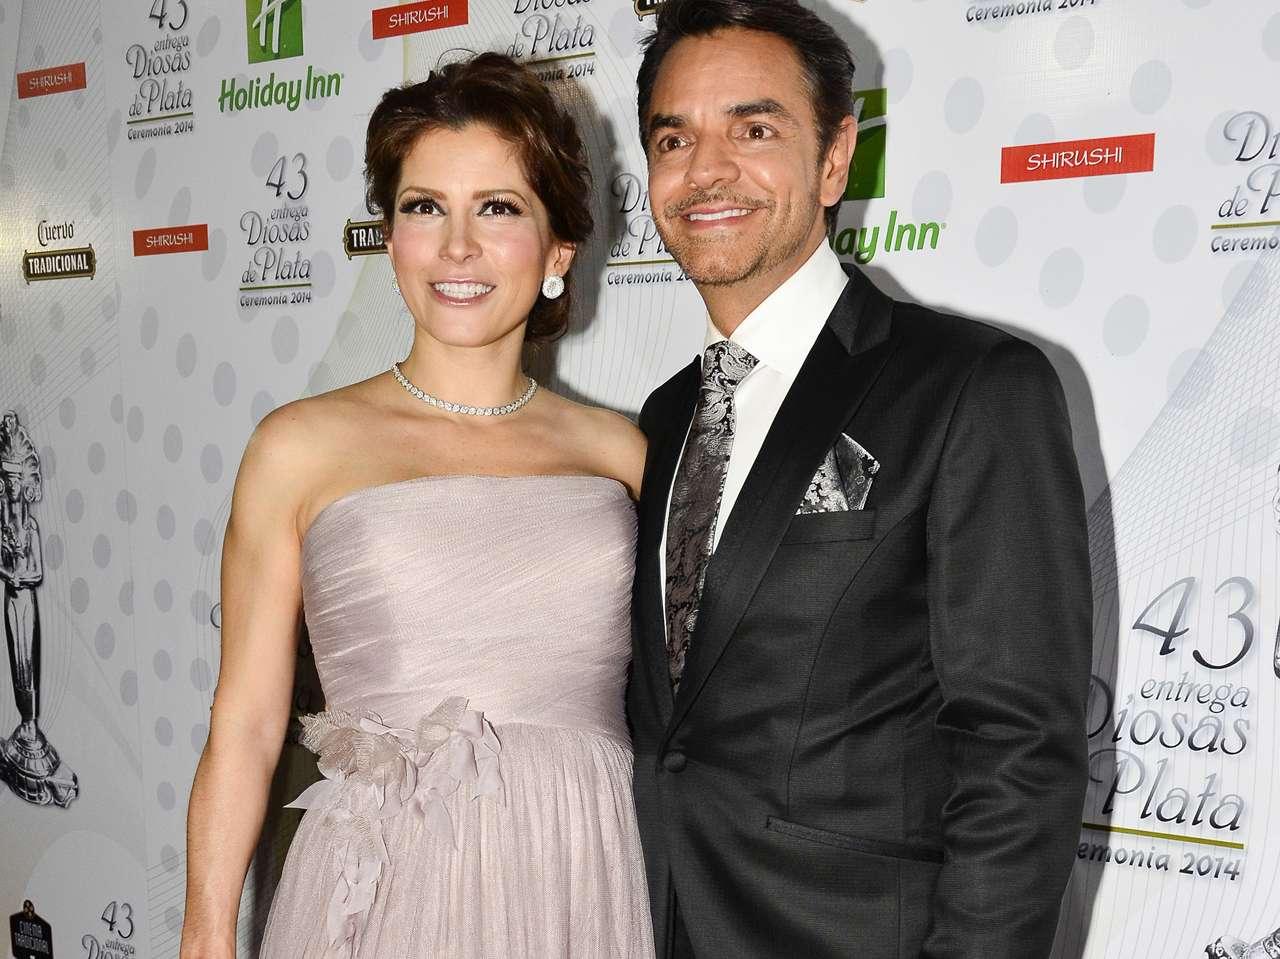 Eugenio Derbez y Alessandra Rosaldo. Foto: Medios y Media